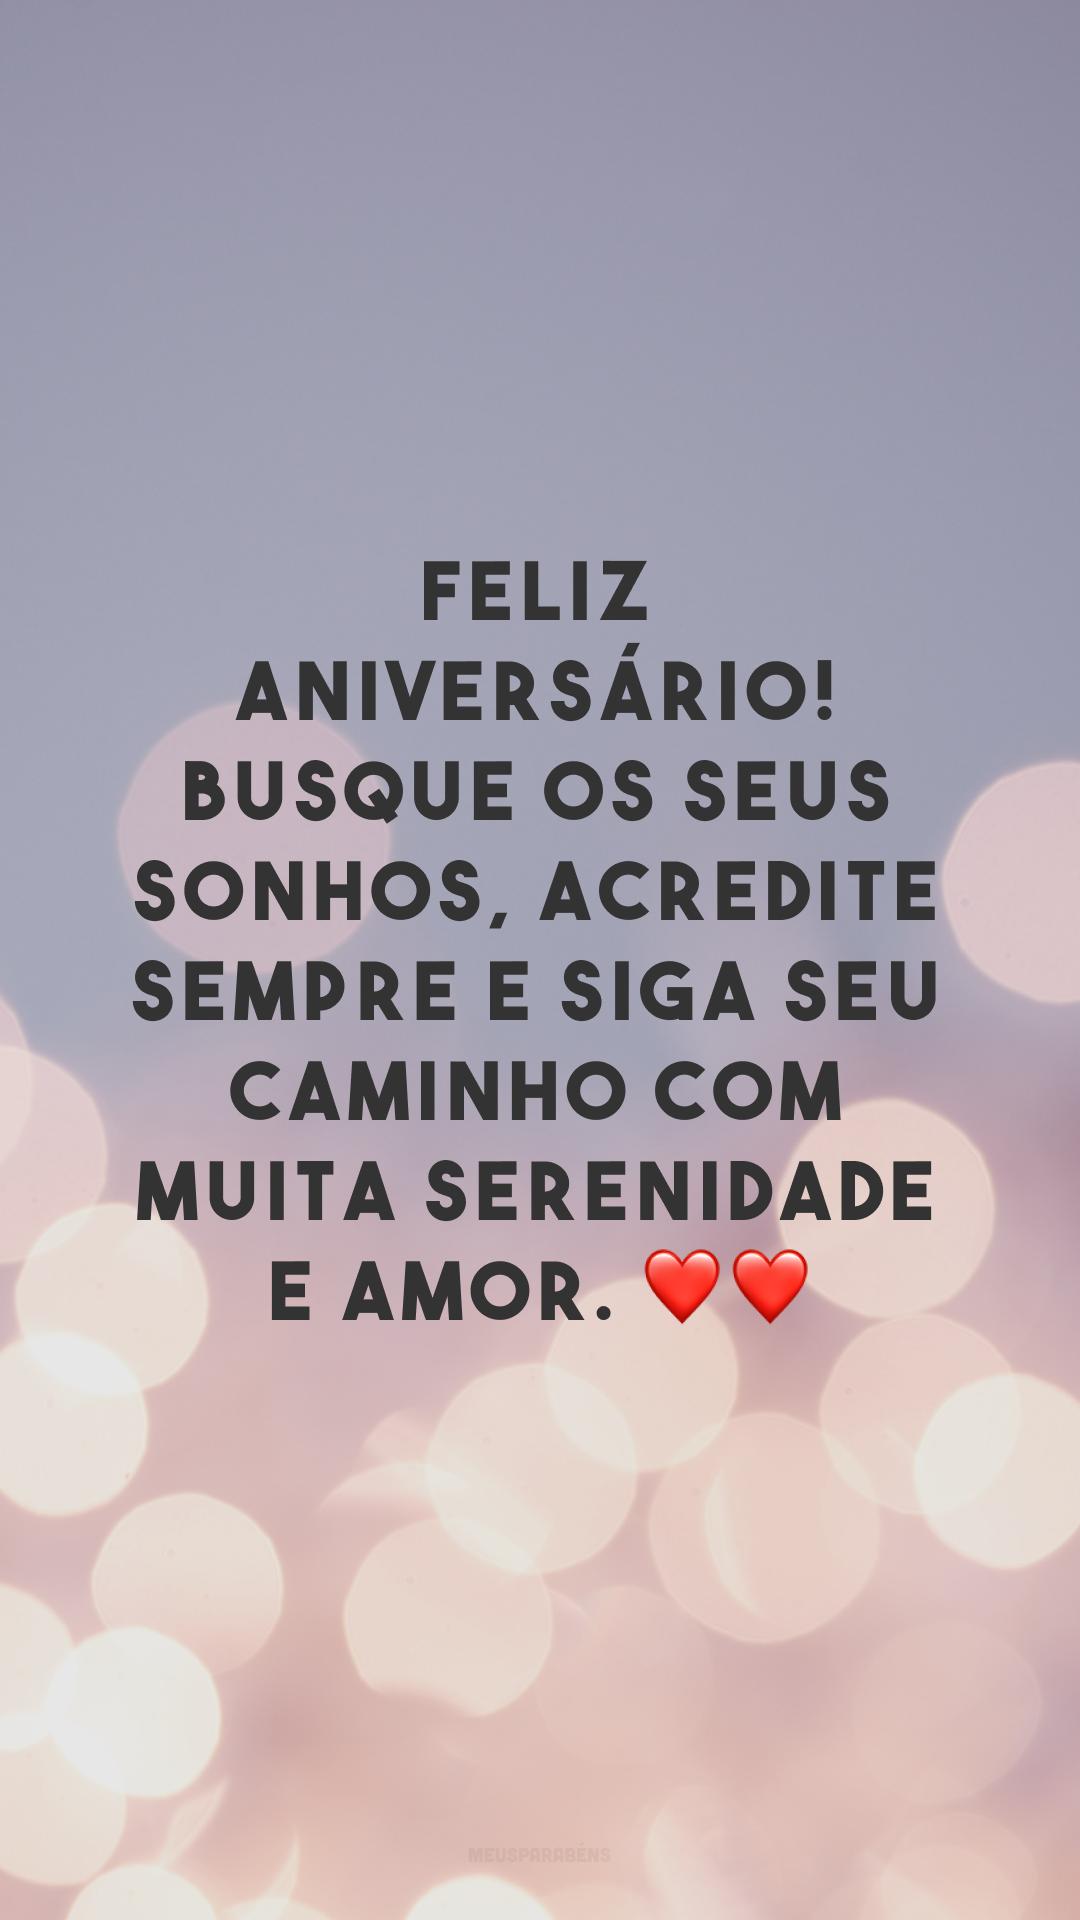 Feliz aniversário! Busque os seus sonhos, acredite sempre e siga seu caminho com muita serenidade e amor. ❤❤